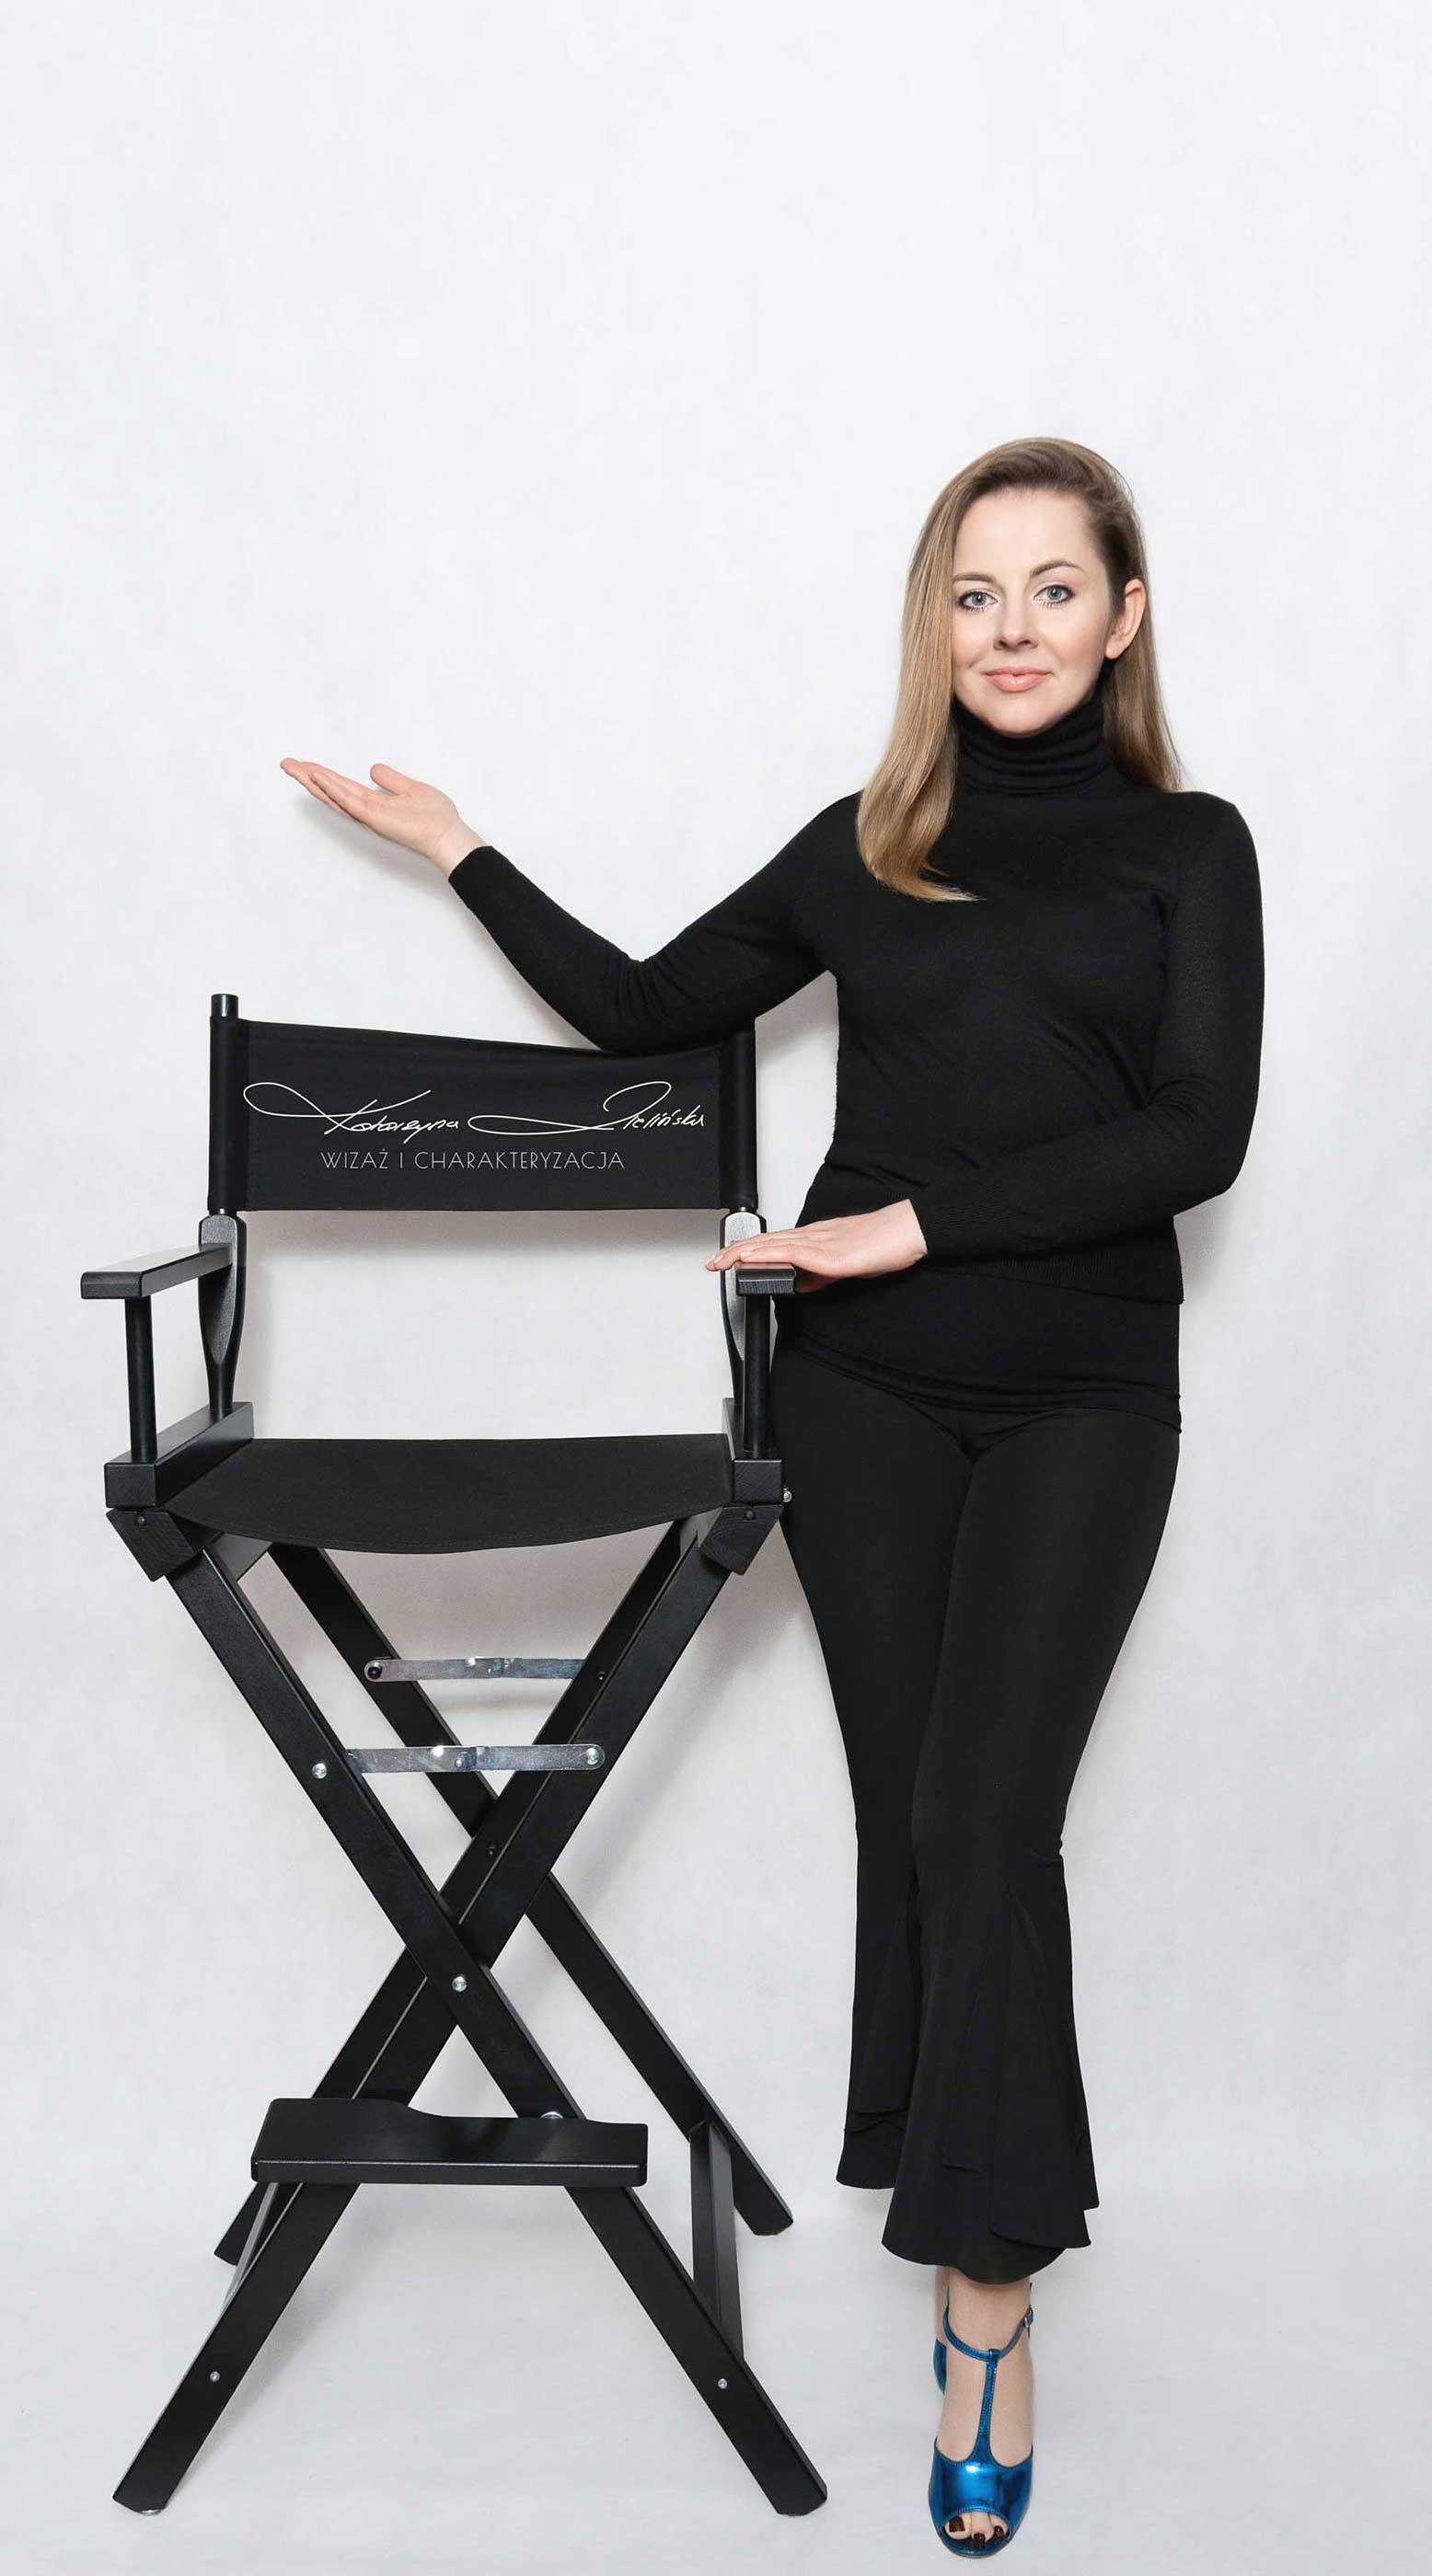 wizażystka Katarzyna Zielińska zaprasza na profesjonalne szkolenie z makijażu